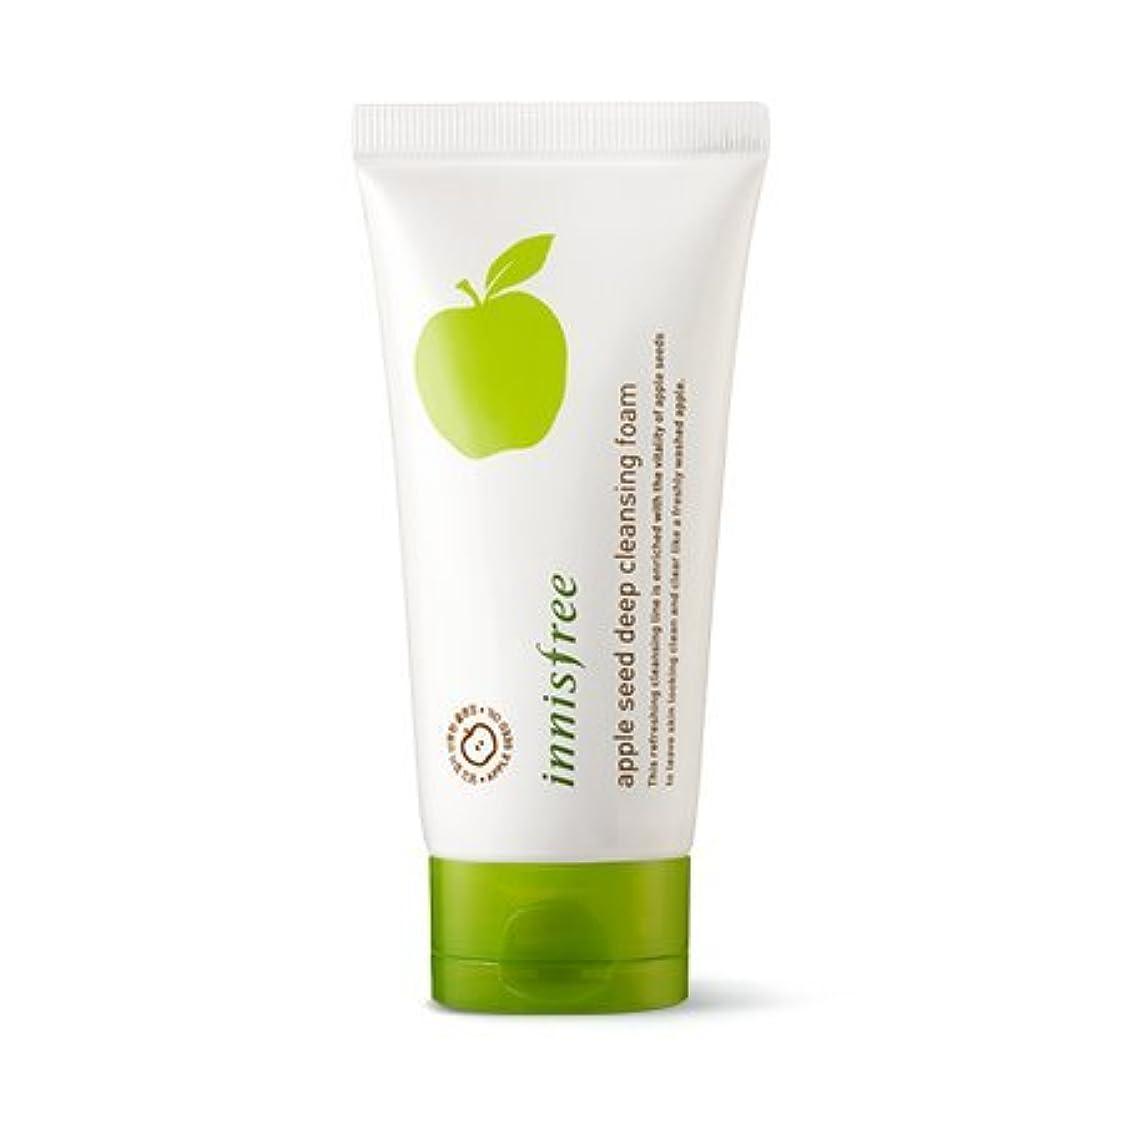 矛盾する発音する一般化する[New] innisfree Apple Seed Deep Cleansing Foam 150ml/イニスフリー アップル シード ディープ クレンジング フォーム 150ml